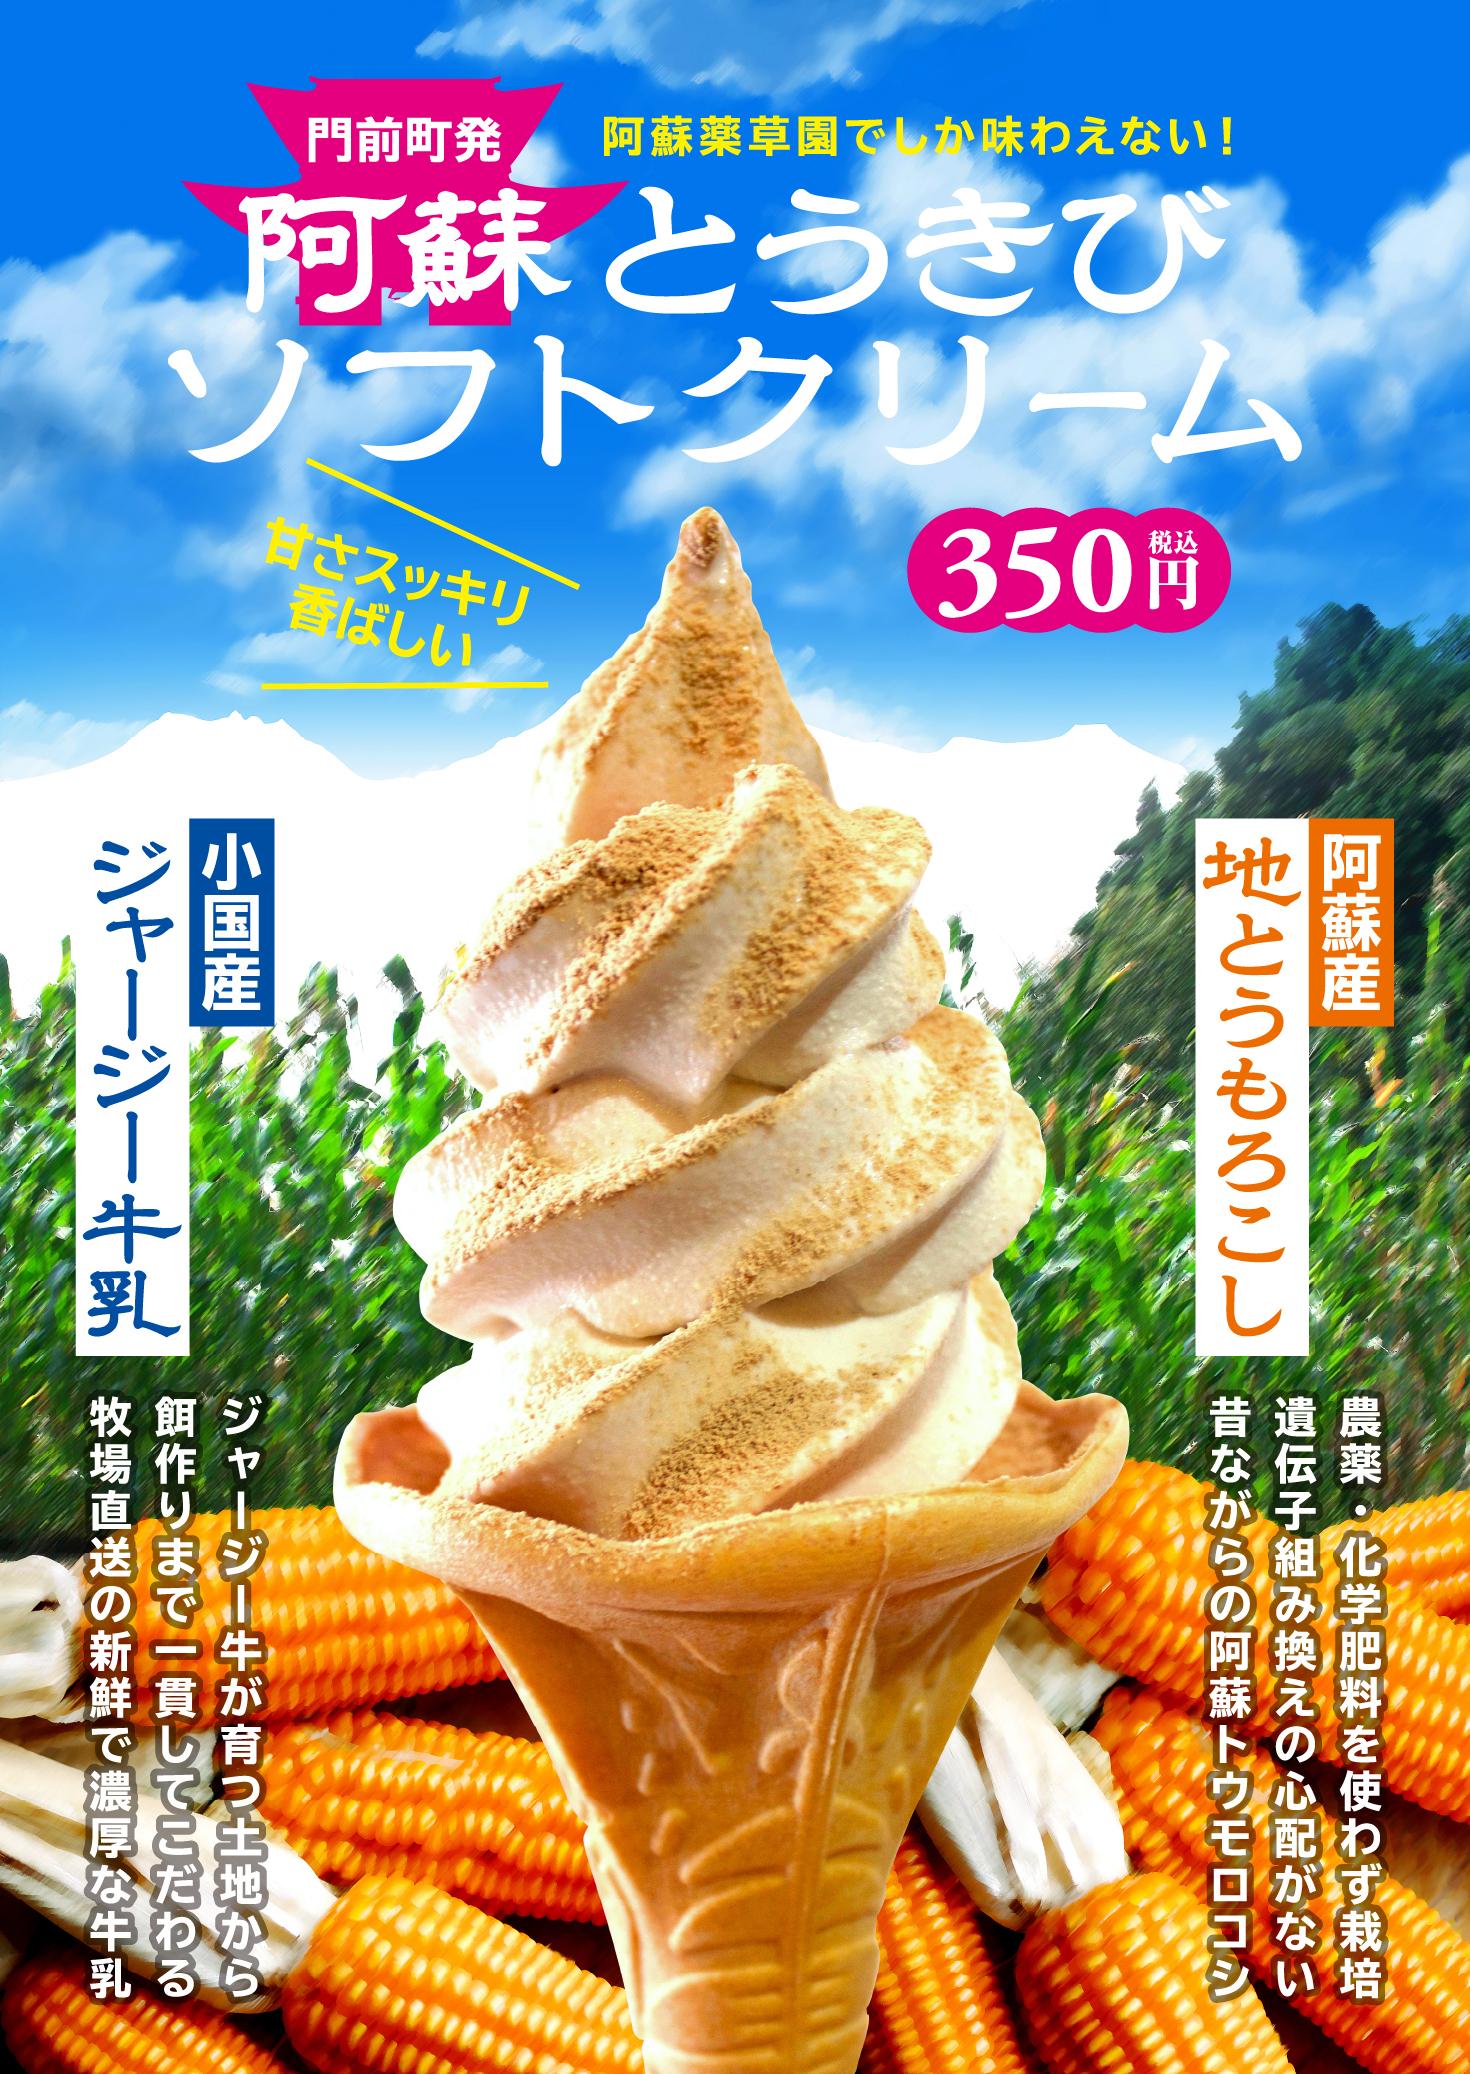 阿蘇とうきびソフトクリーム